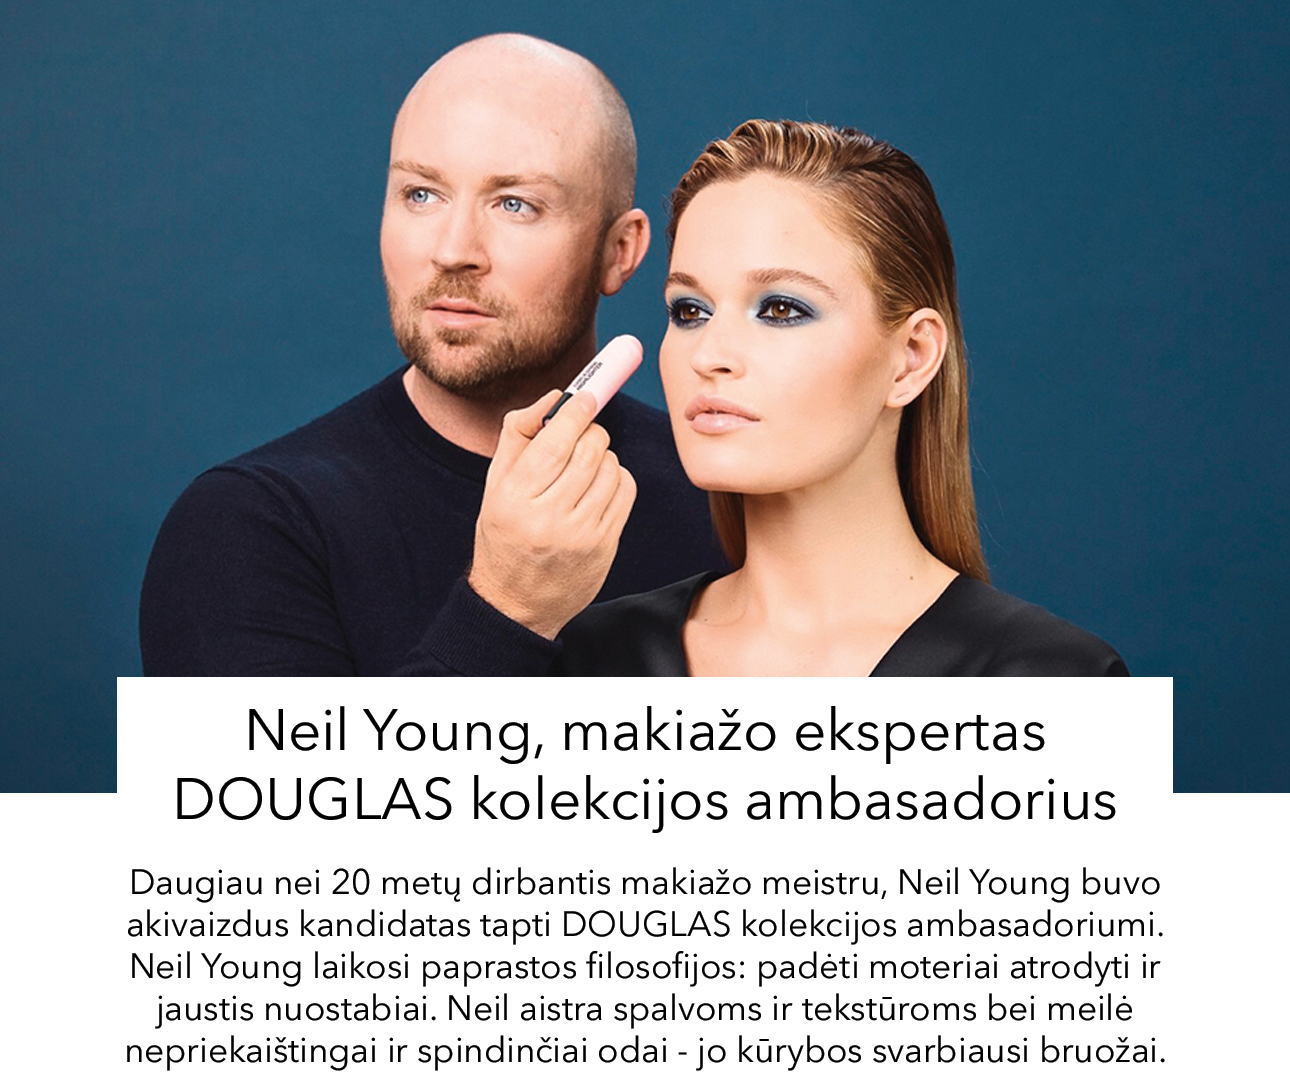 Daugiau nei 20 metų dirbantis makiažo meistru, Neil Young buvo akivaizdus kandidatas tapti DOUGLAS kolekcijos ambasadoriumi. Neil Young laikosi paprastos filosofijos: padėti moteriai atrodyti ir jaustis nuostabiai. Neil aistra spalvoms ir tekstūroms bei meilė nepriekaištingai ir spindinčiai odai - jo kūrybos svarbiausi bruožai.